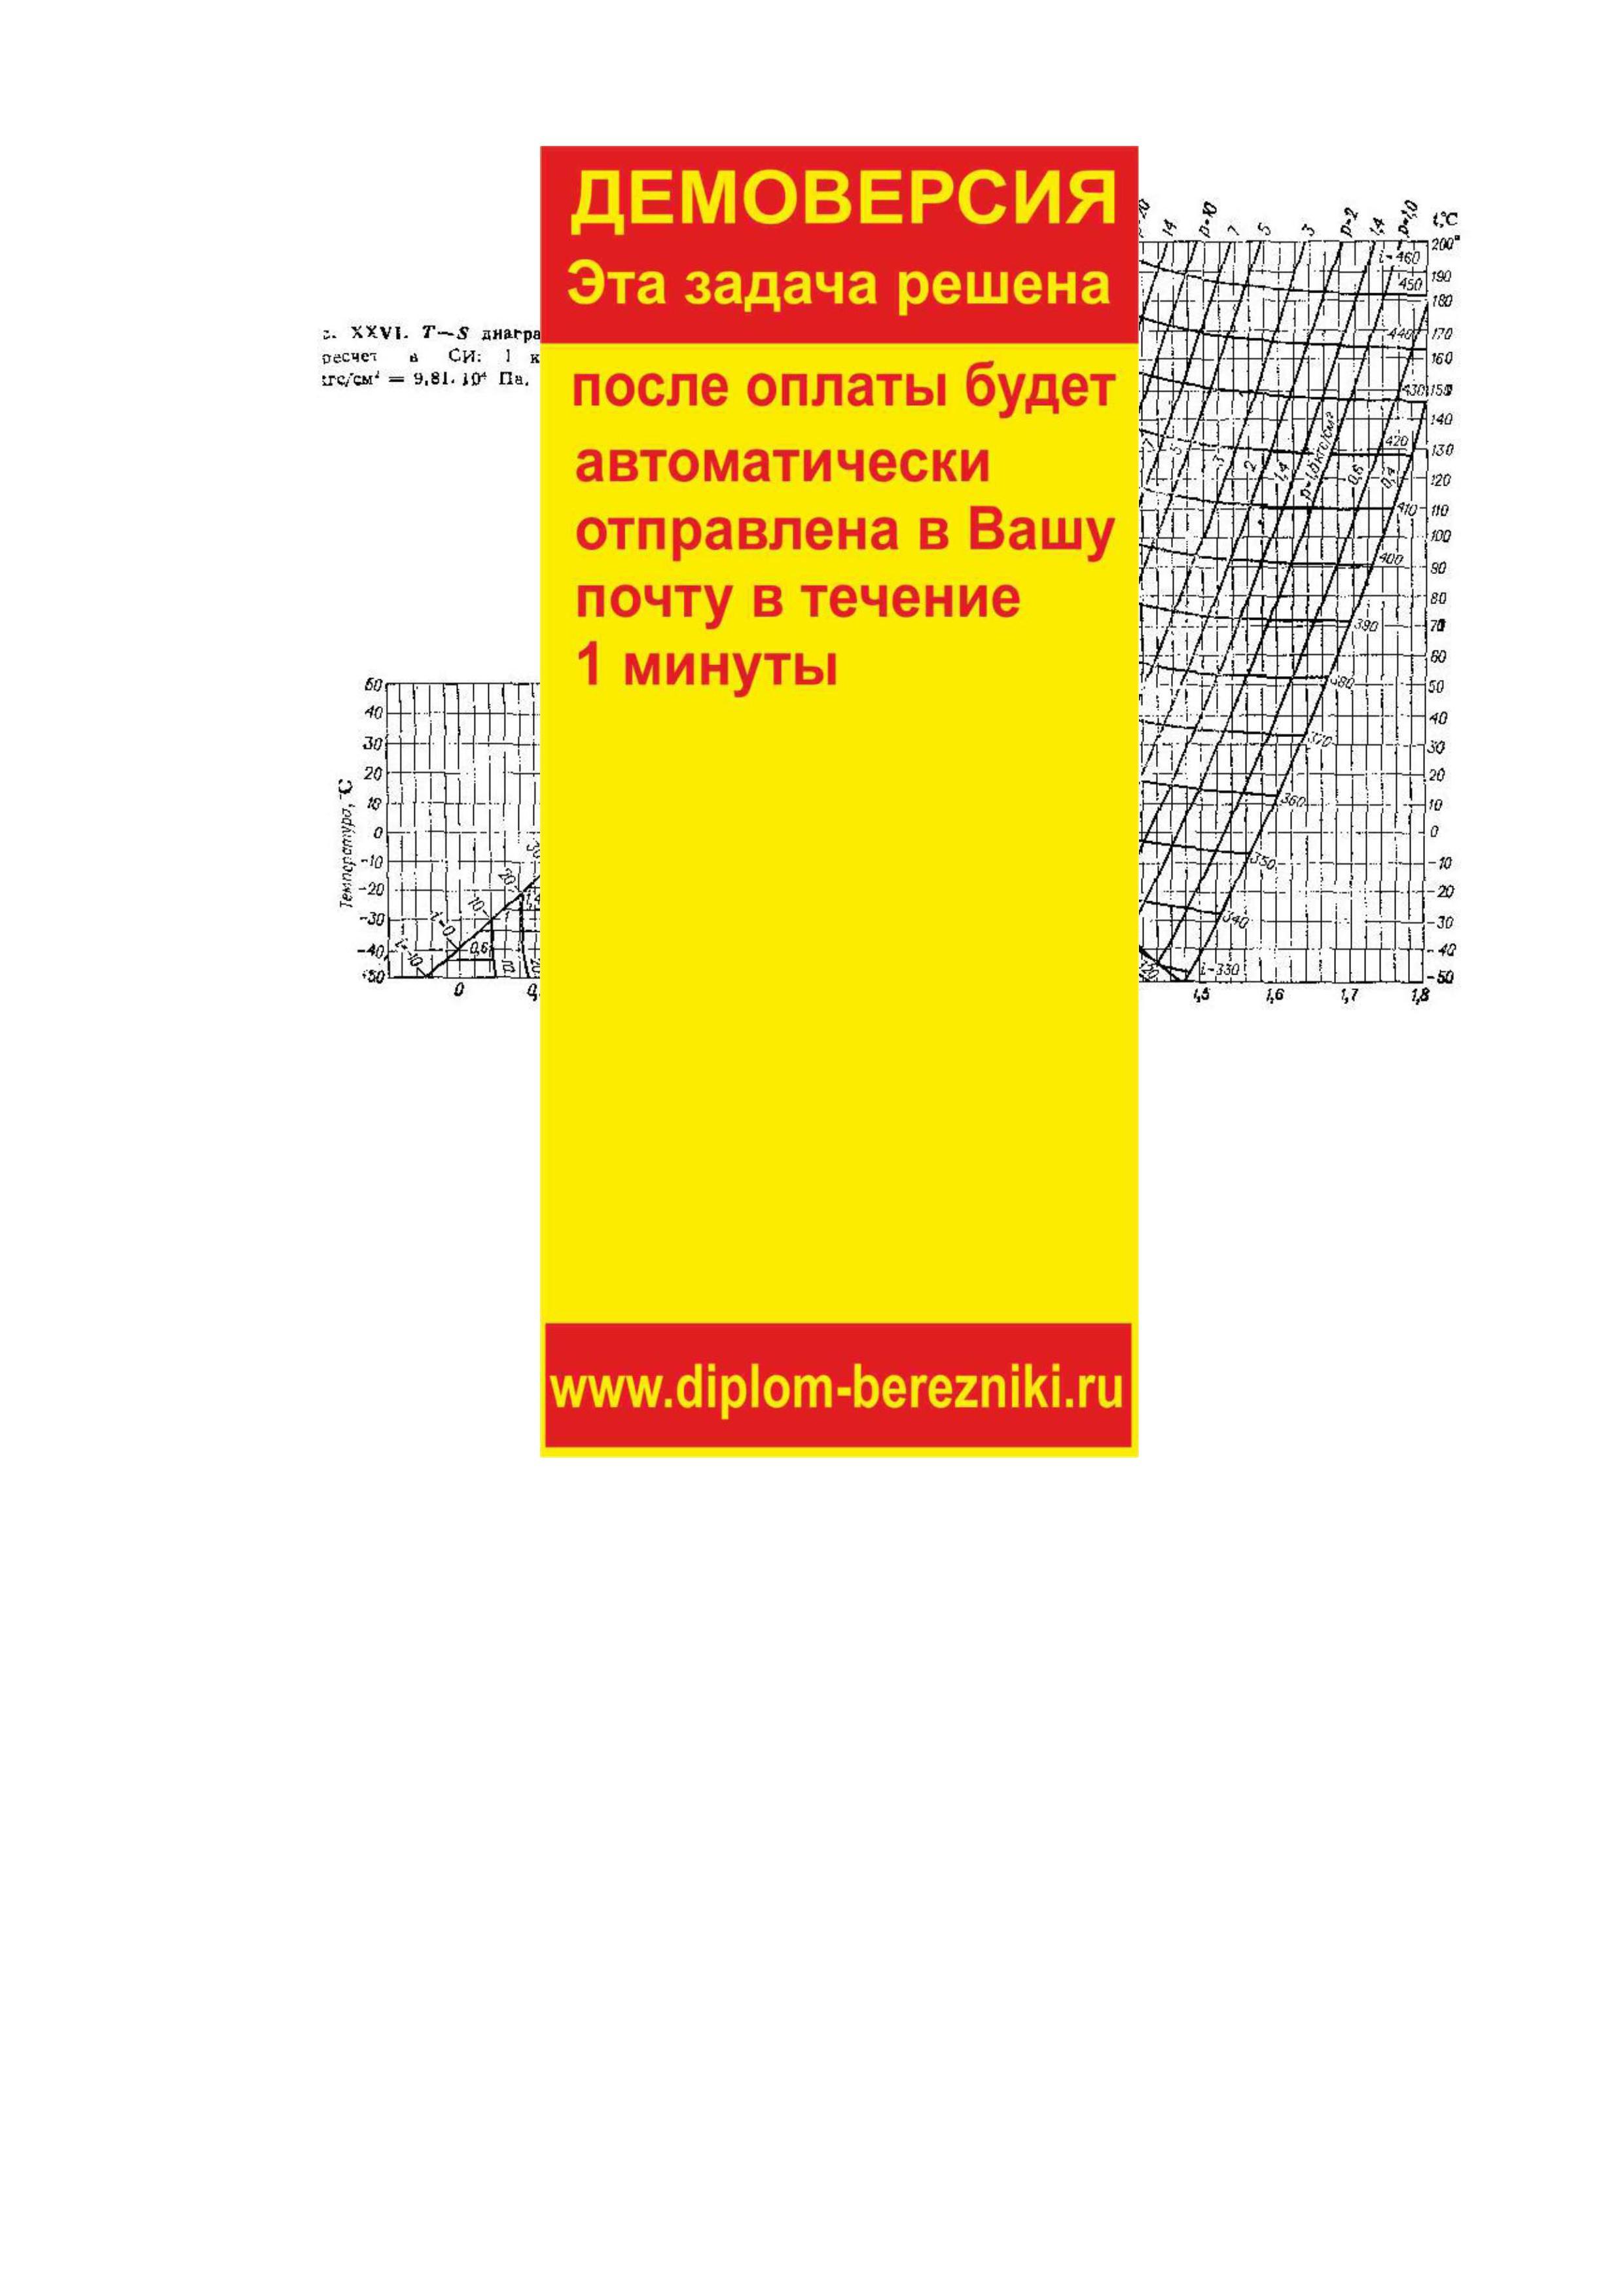 Решение задачи 11.8  по ПАХТ из задачника Павлова Романкова Носкова